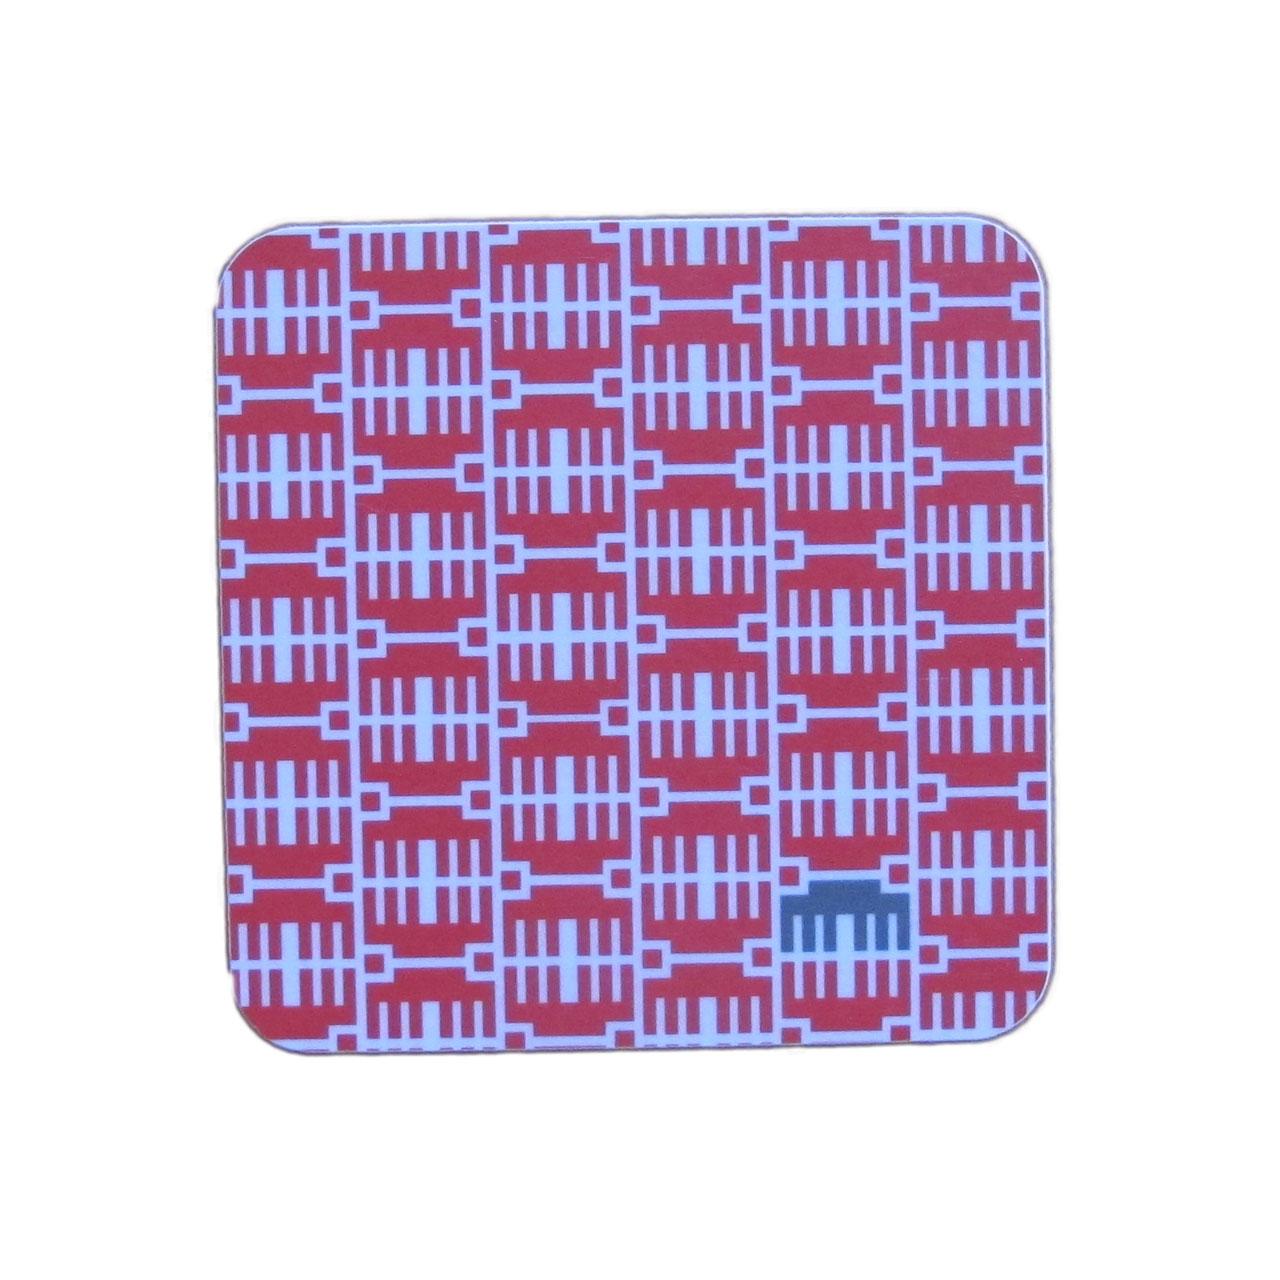 1x Coaster / Untersetzer Brandenburger Tor rot